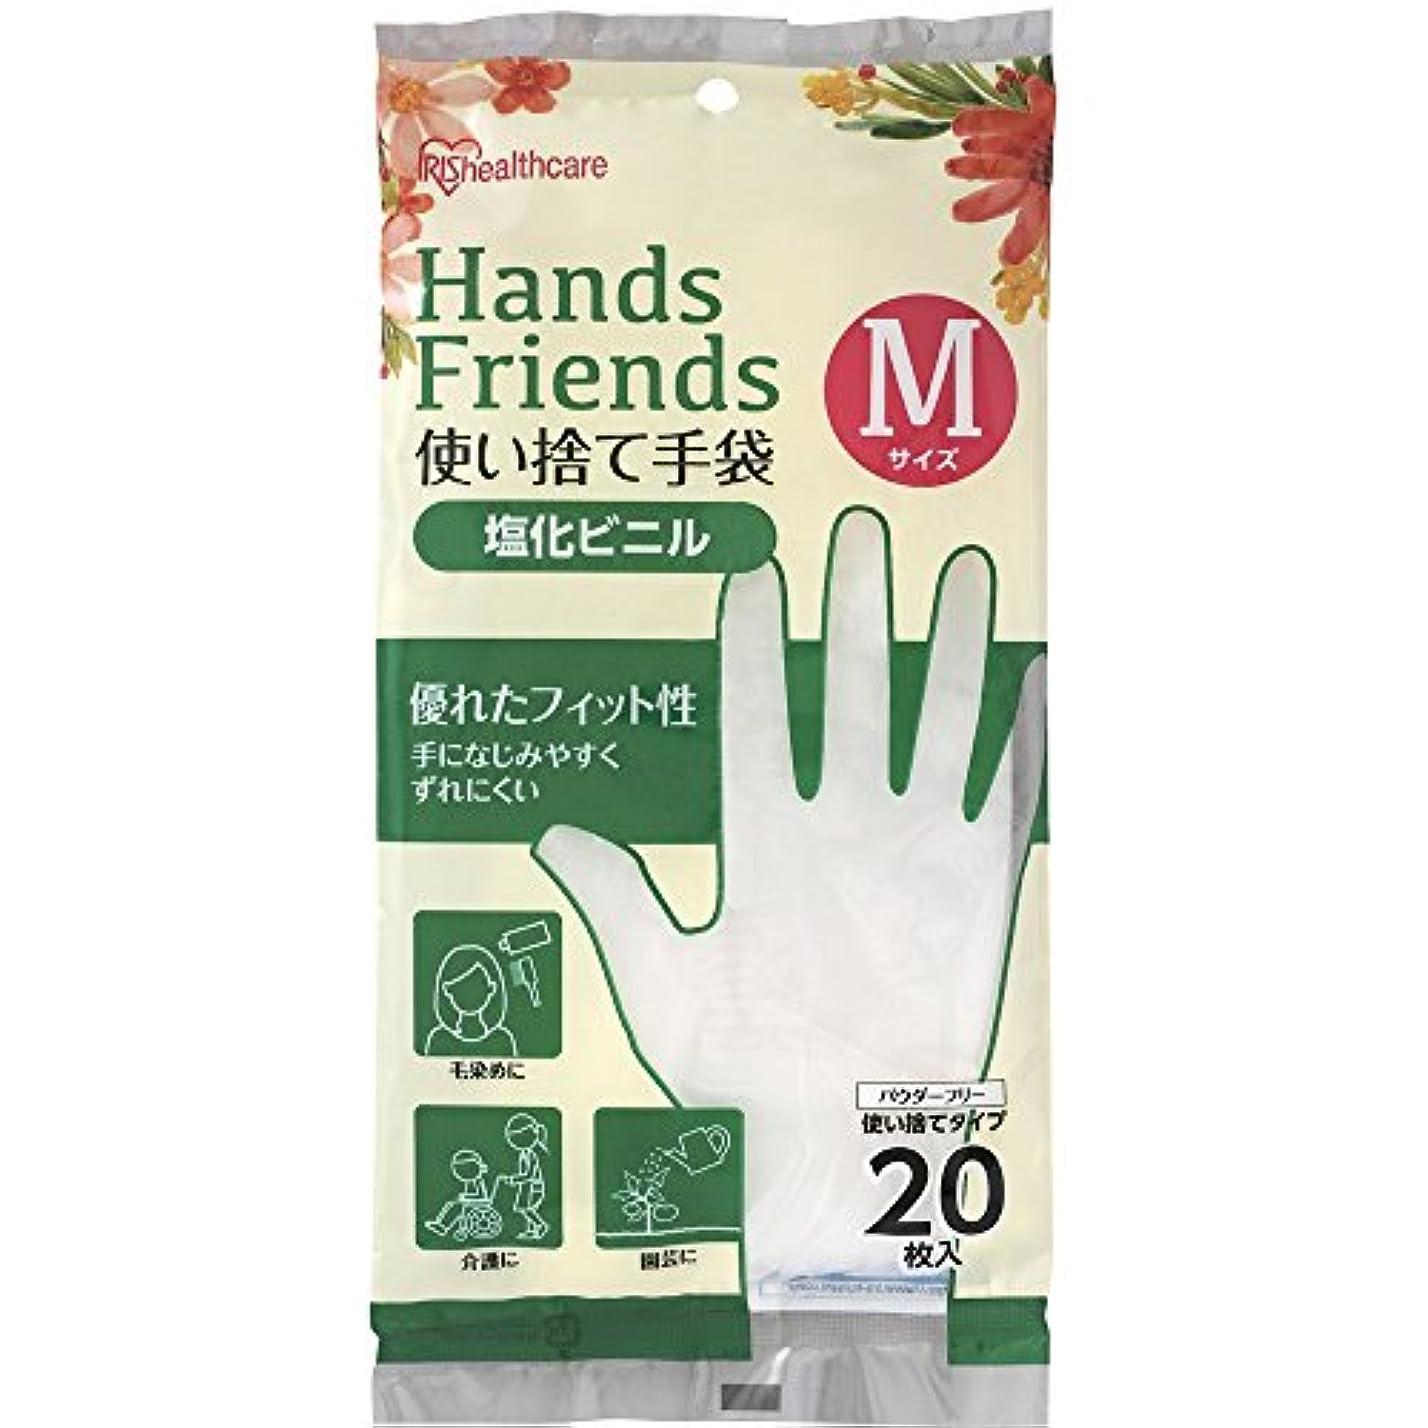 場合珍しいブランド使い捨て手袋 クリア 塩化ビニル 20枚 Mサイズ PVC-20M